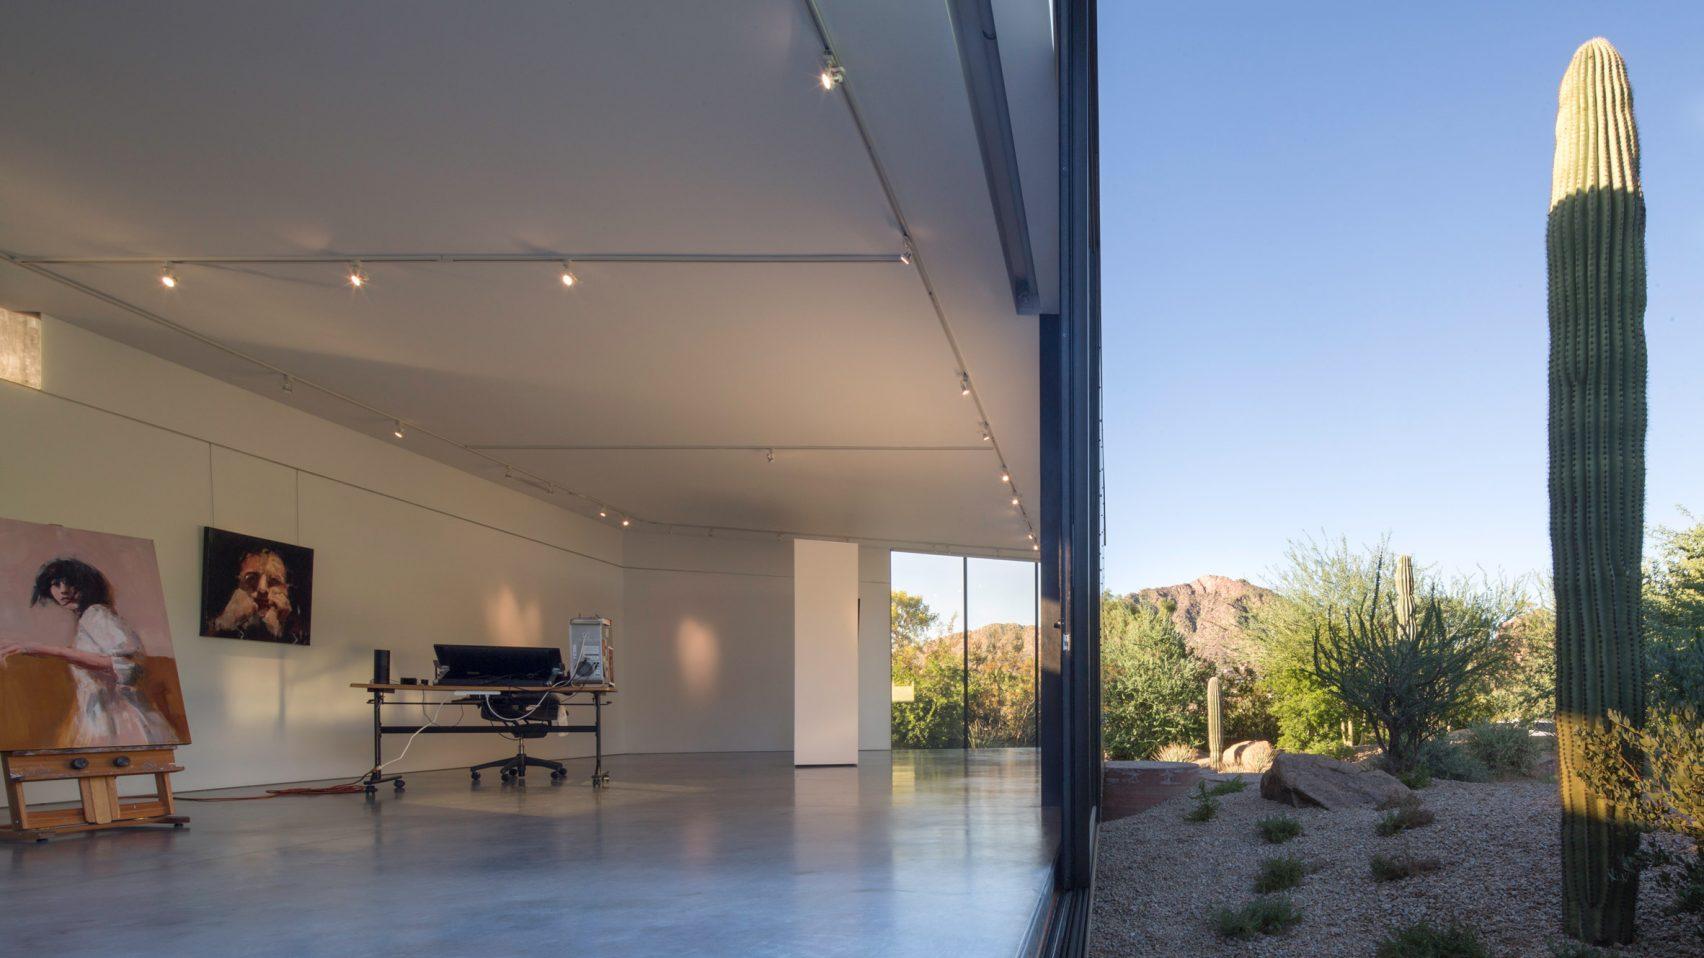 Design by Chen Suchart Architects